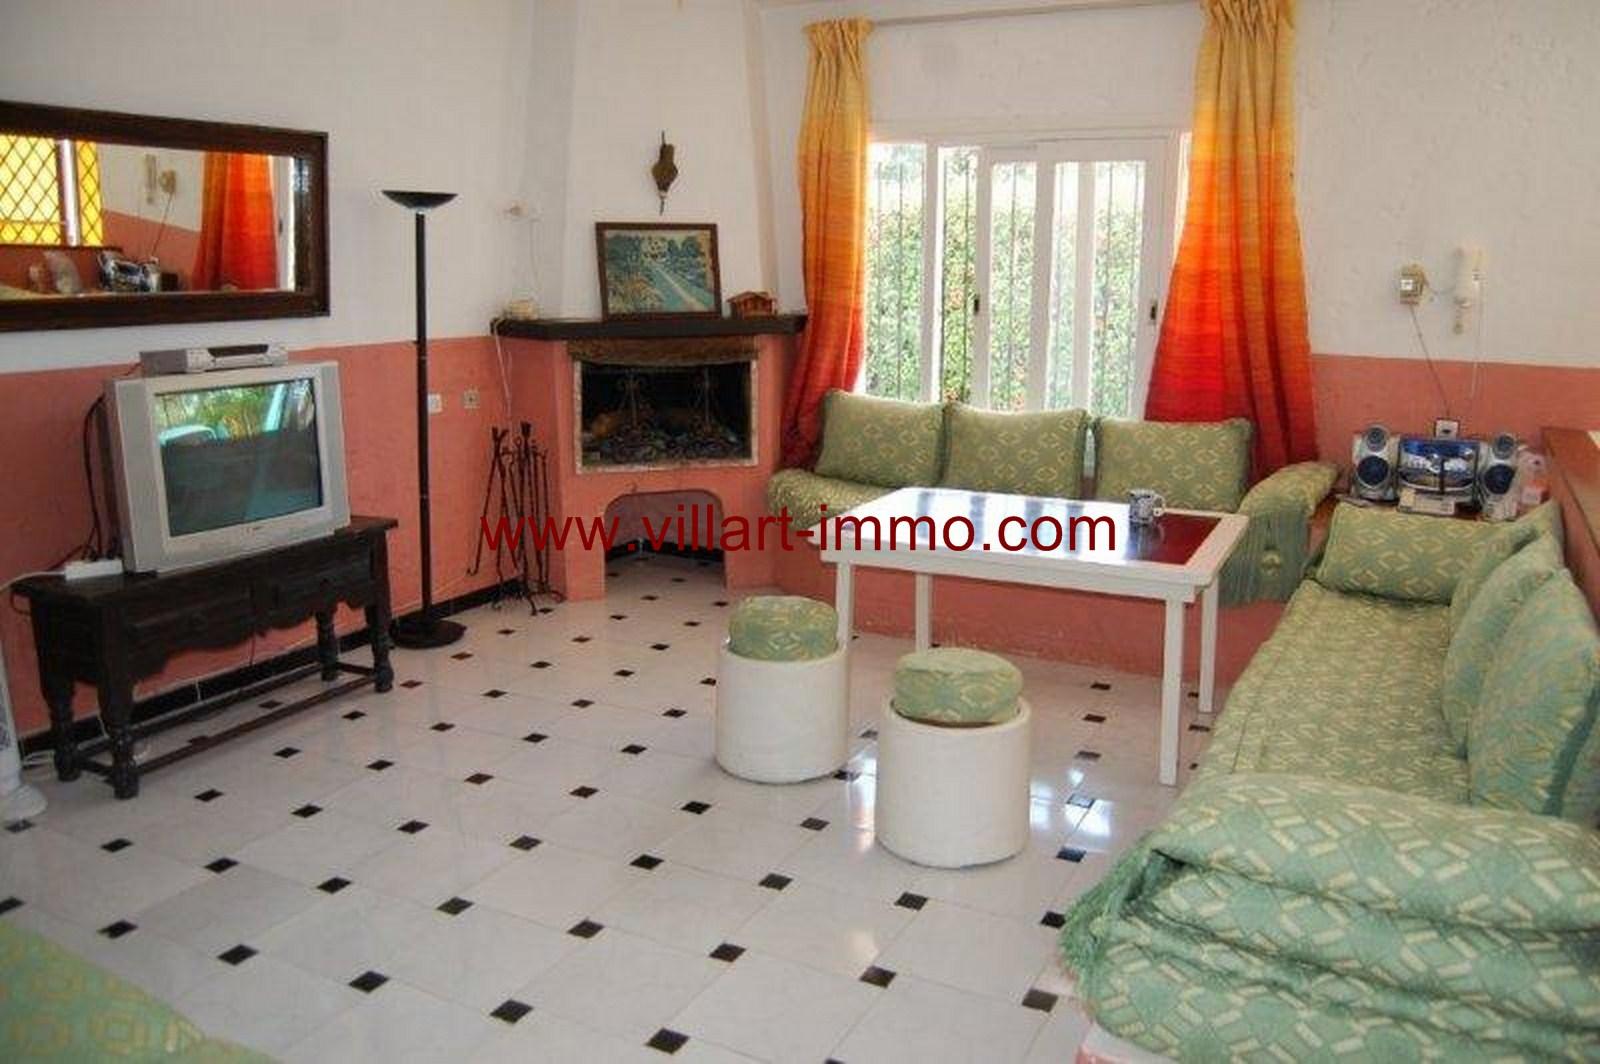 3-Vente-Villa-Tanger-Malabata-Salon 2-VV36-Villart Immo